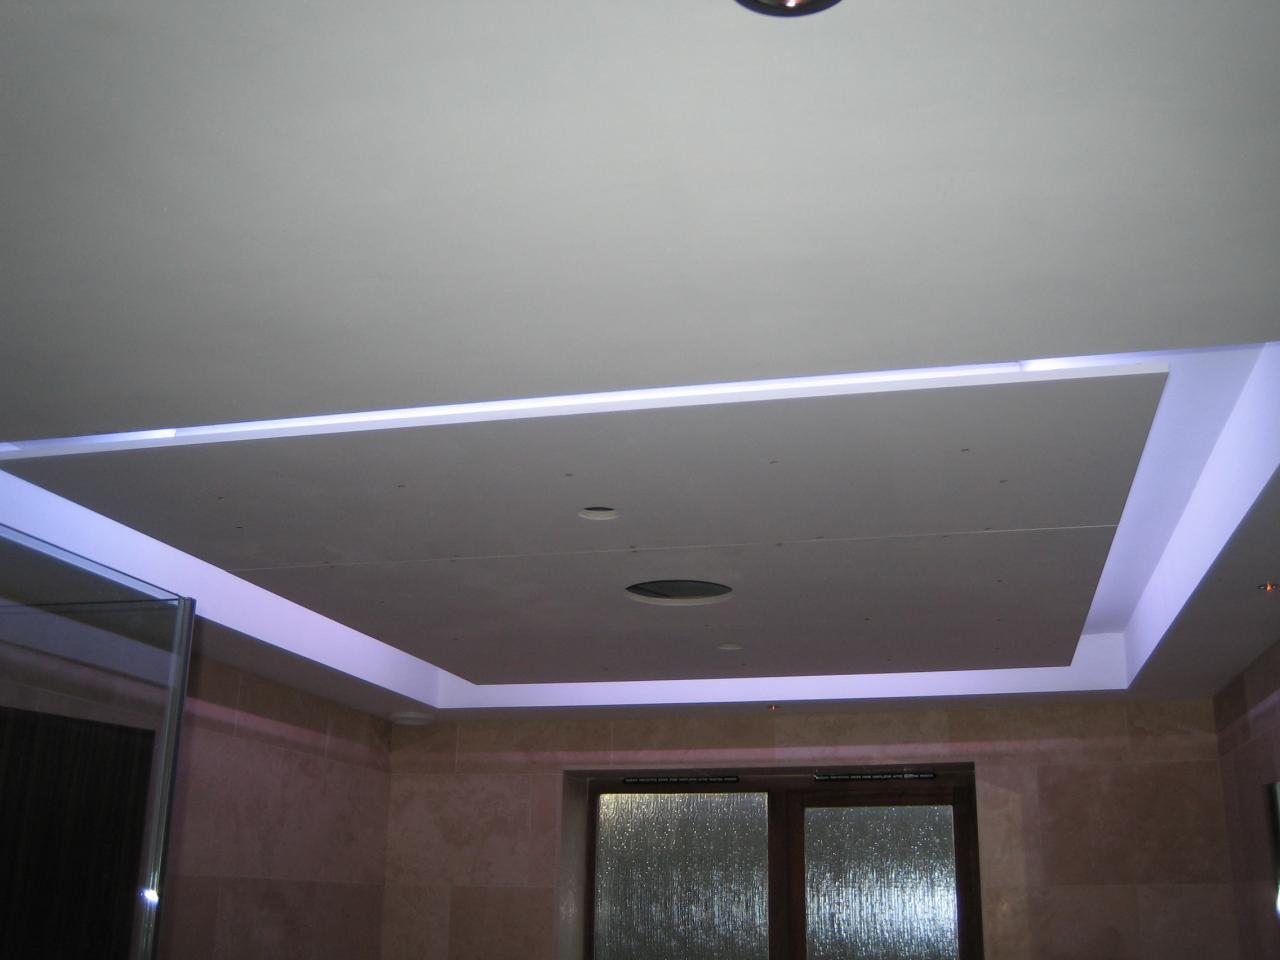 False Ceiling Led Strip Idea Advice